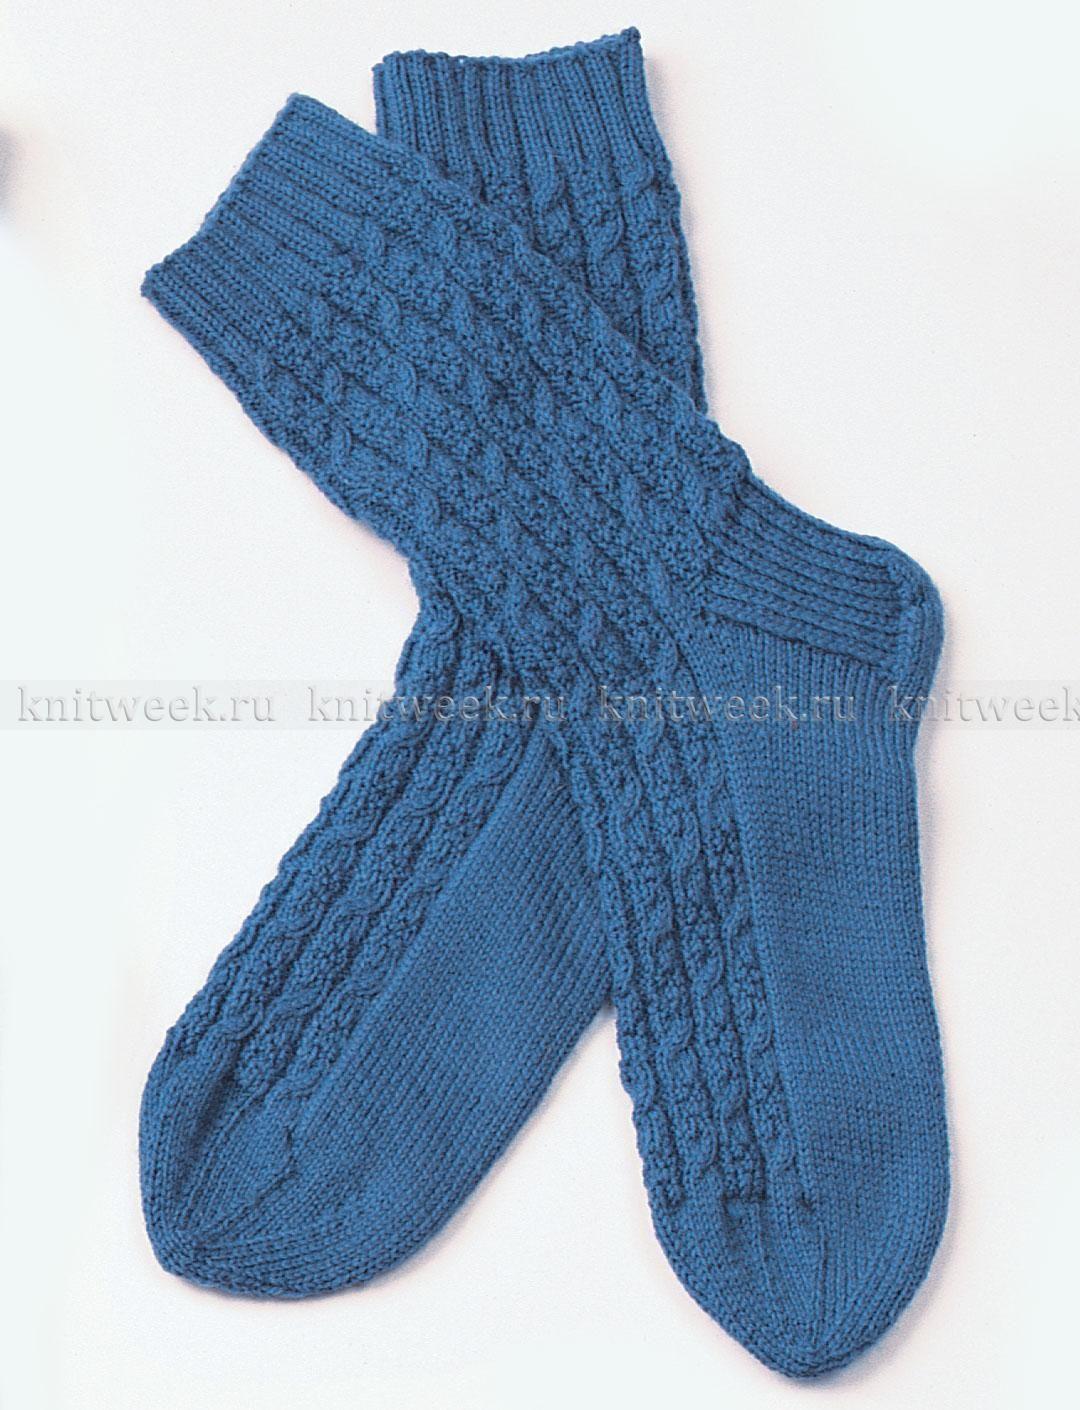 узор для носков спицами схема